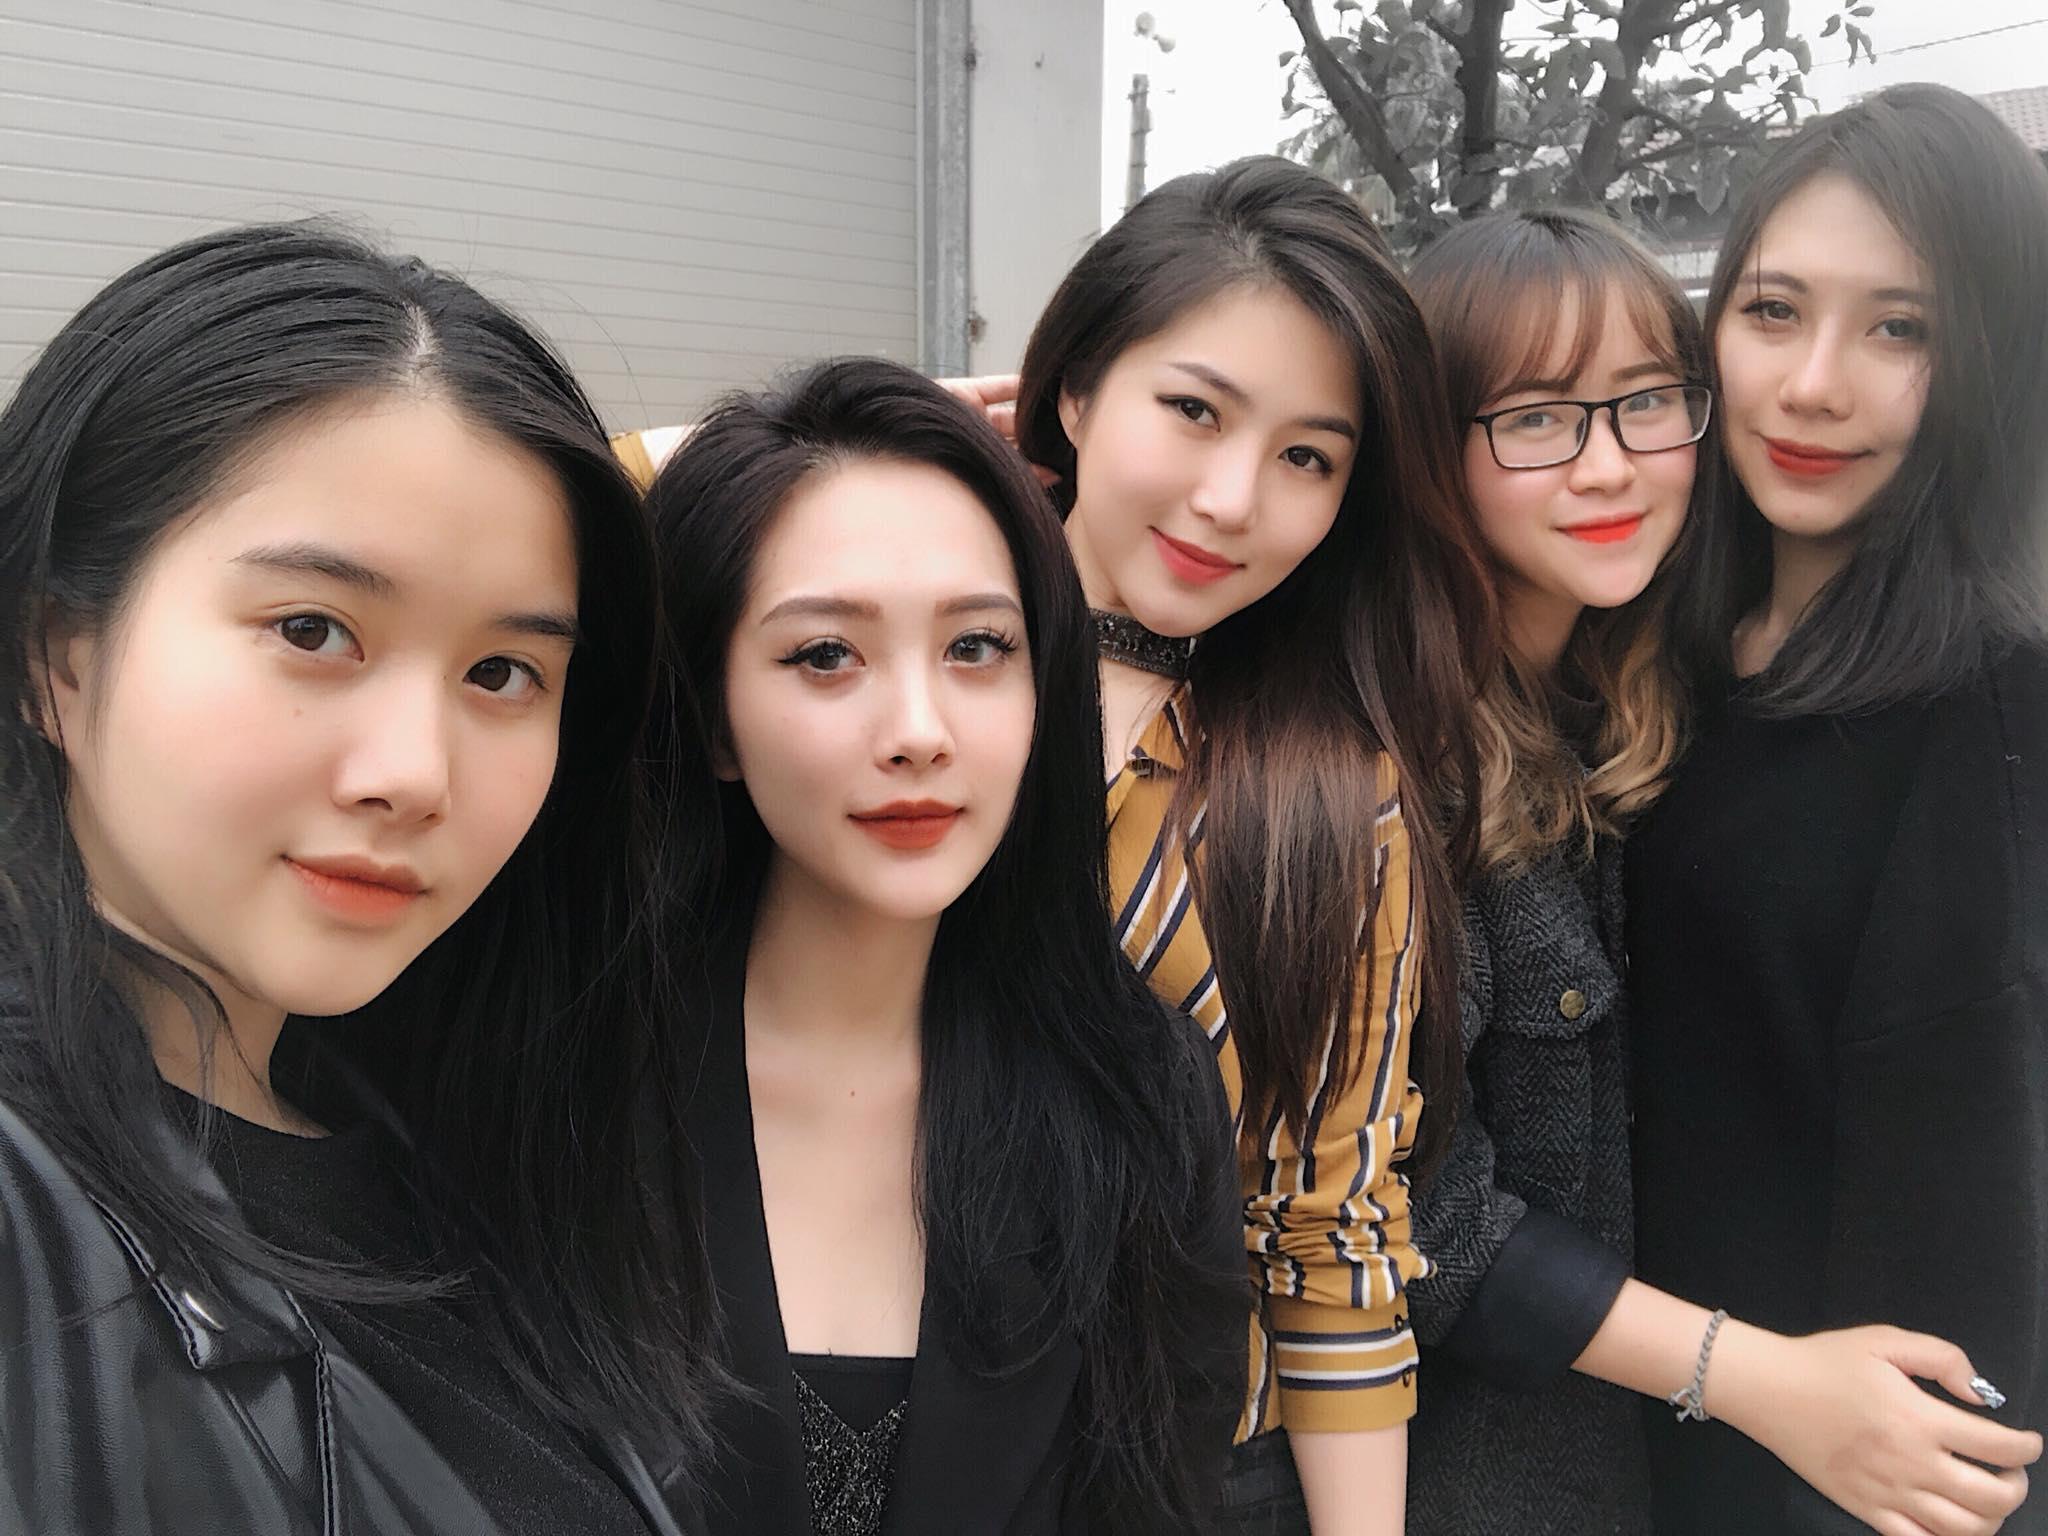 Hương Tràm khoe dàn em gái xinh như hot girl gây sốt mạng - Hình 2